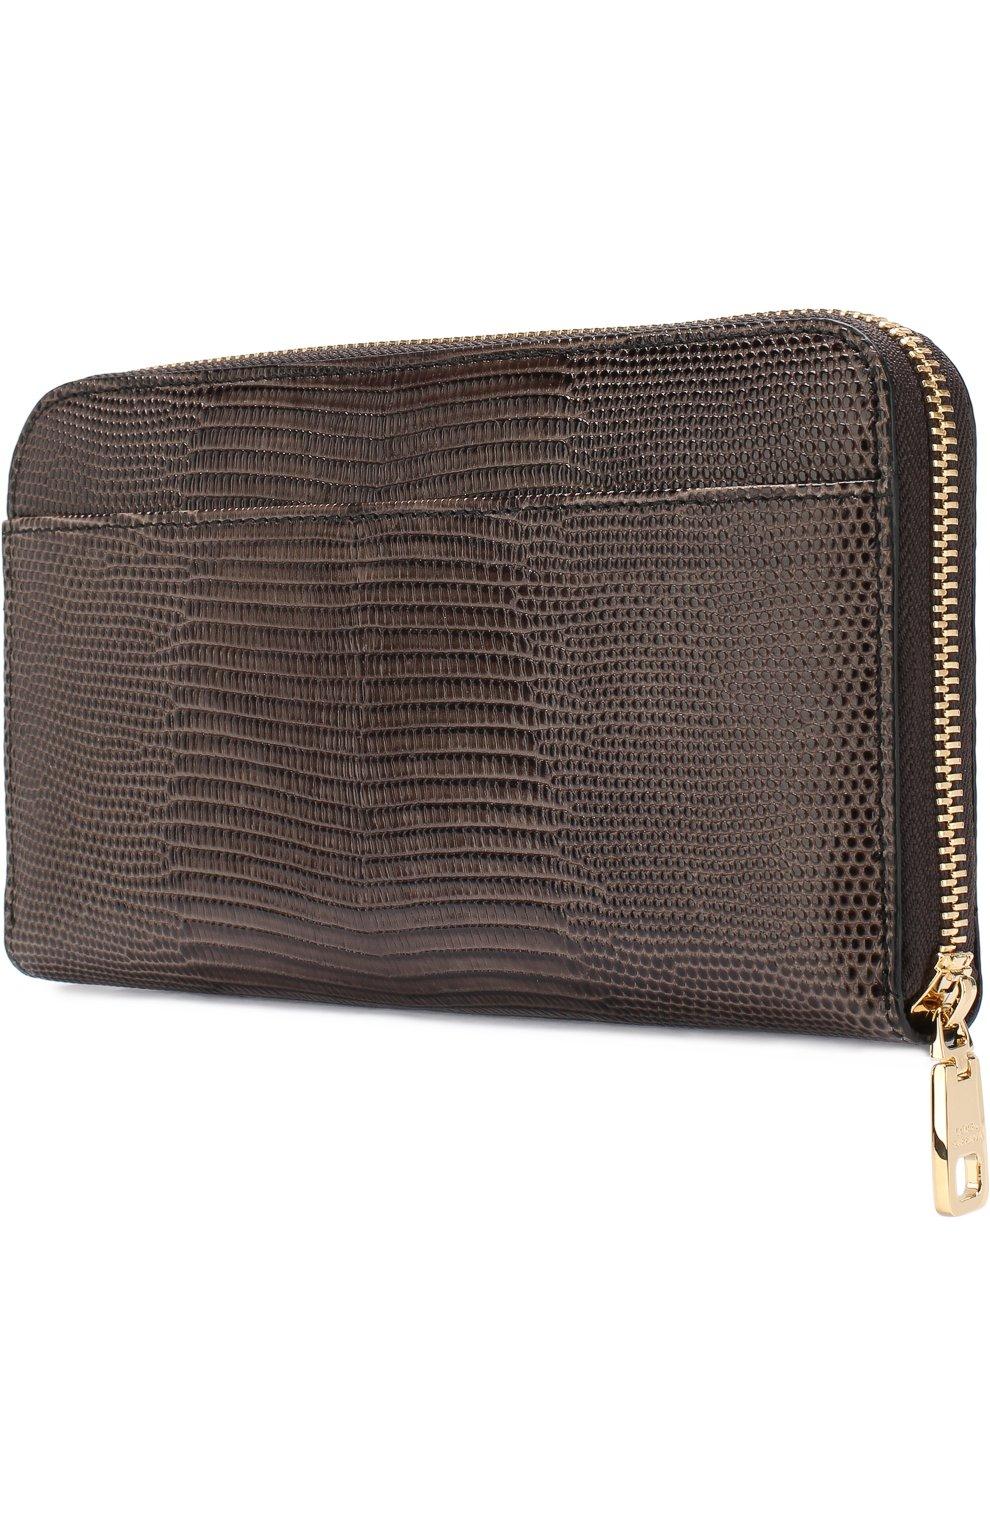 Кожаный кошелек на молнии Dolce & Gabbana коричневого цвета   Фото №2